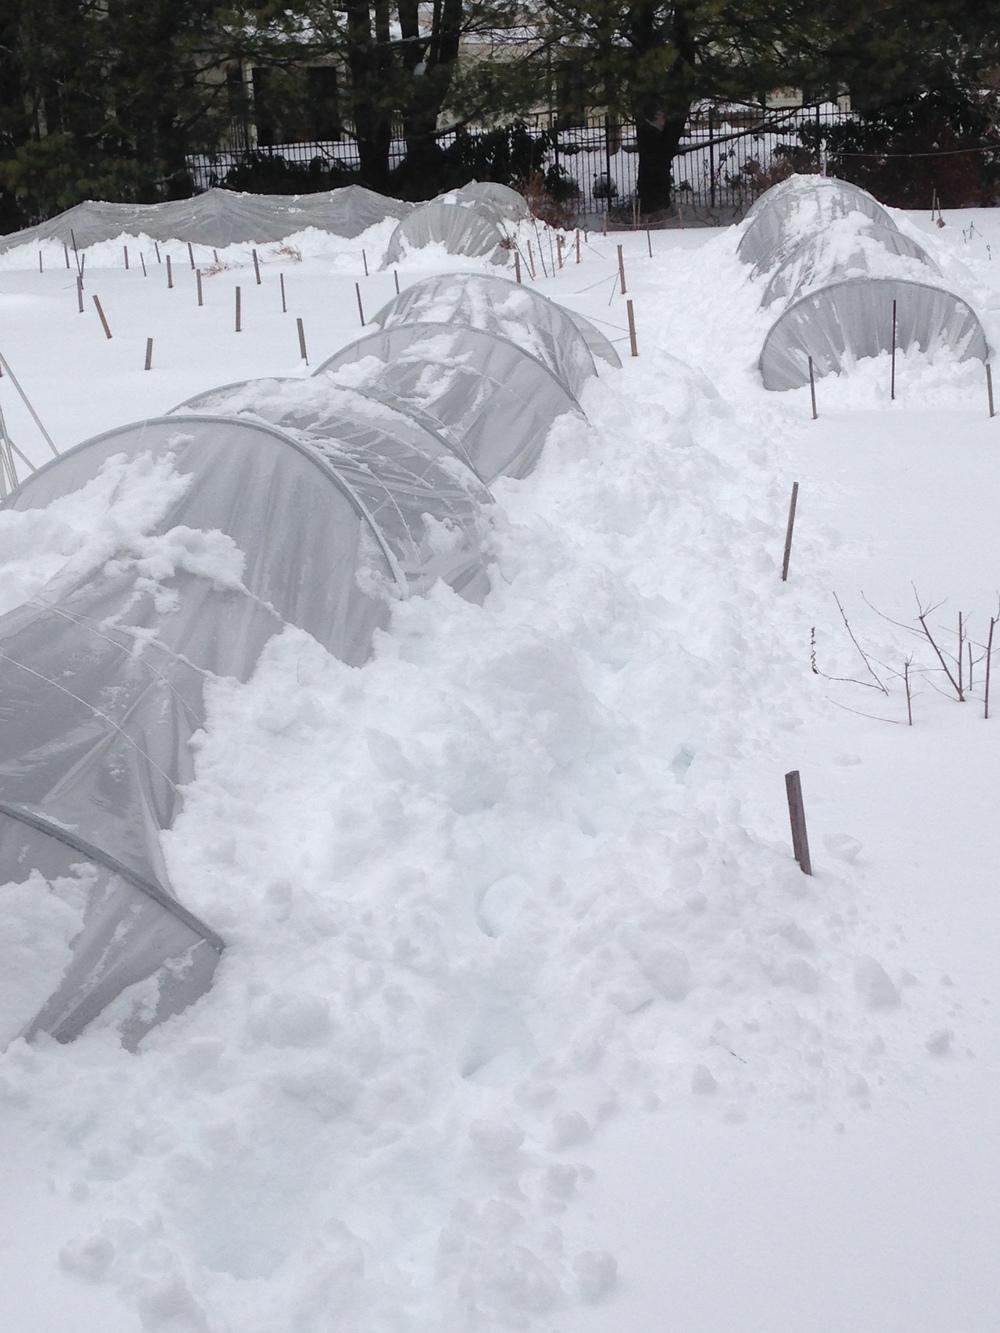 Caterpillar tunnels keeping things warm at Butternut Gardens